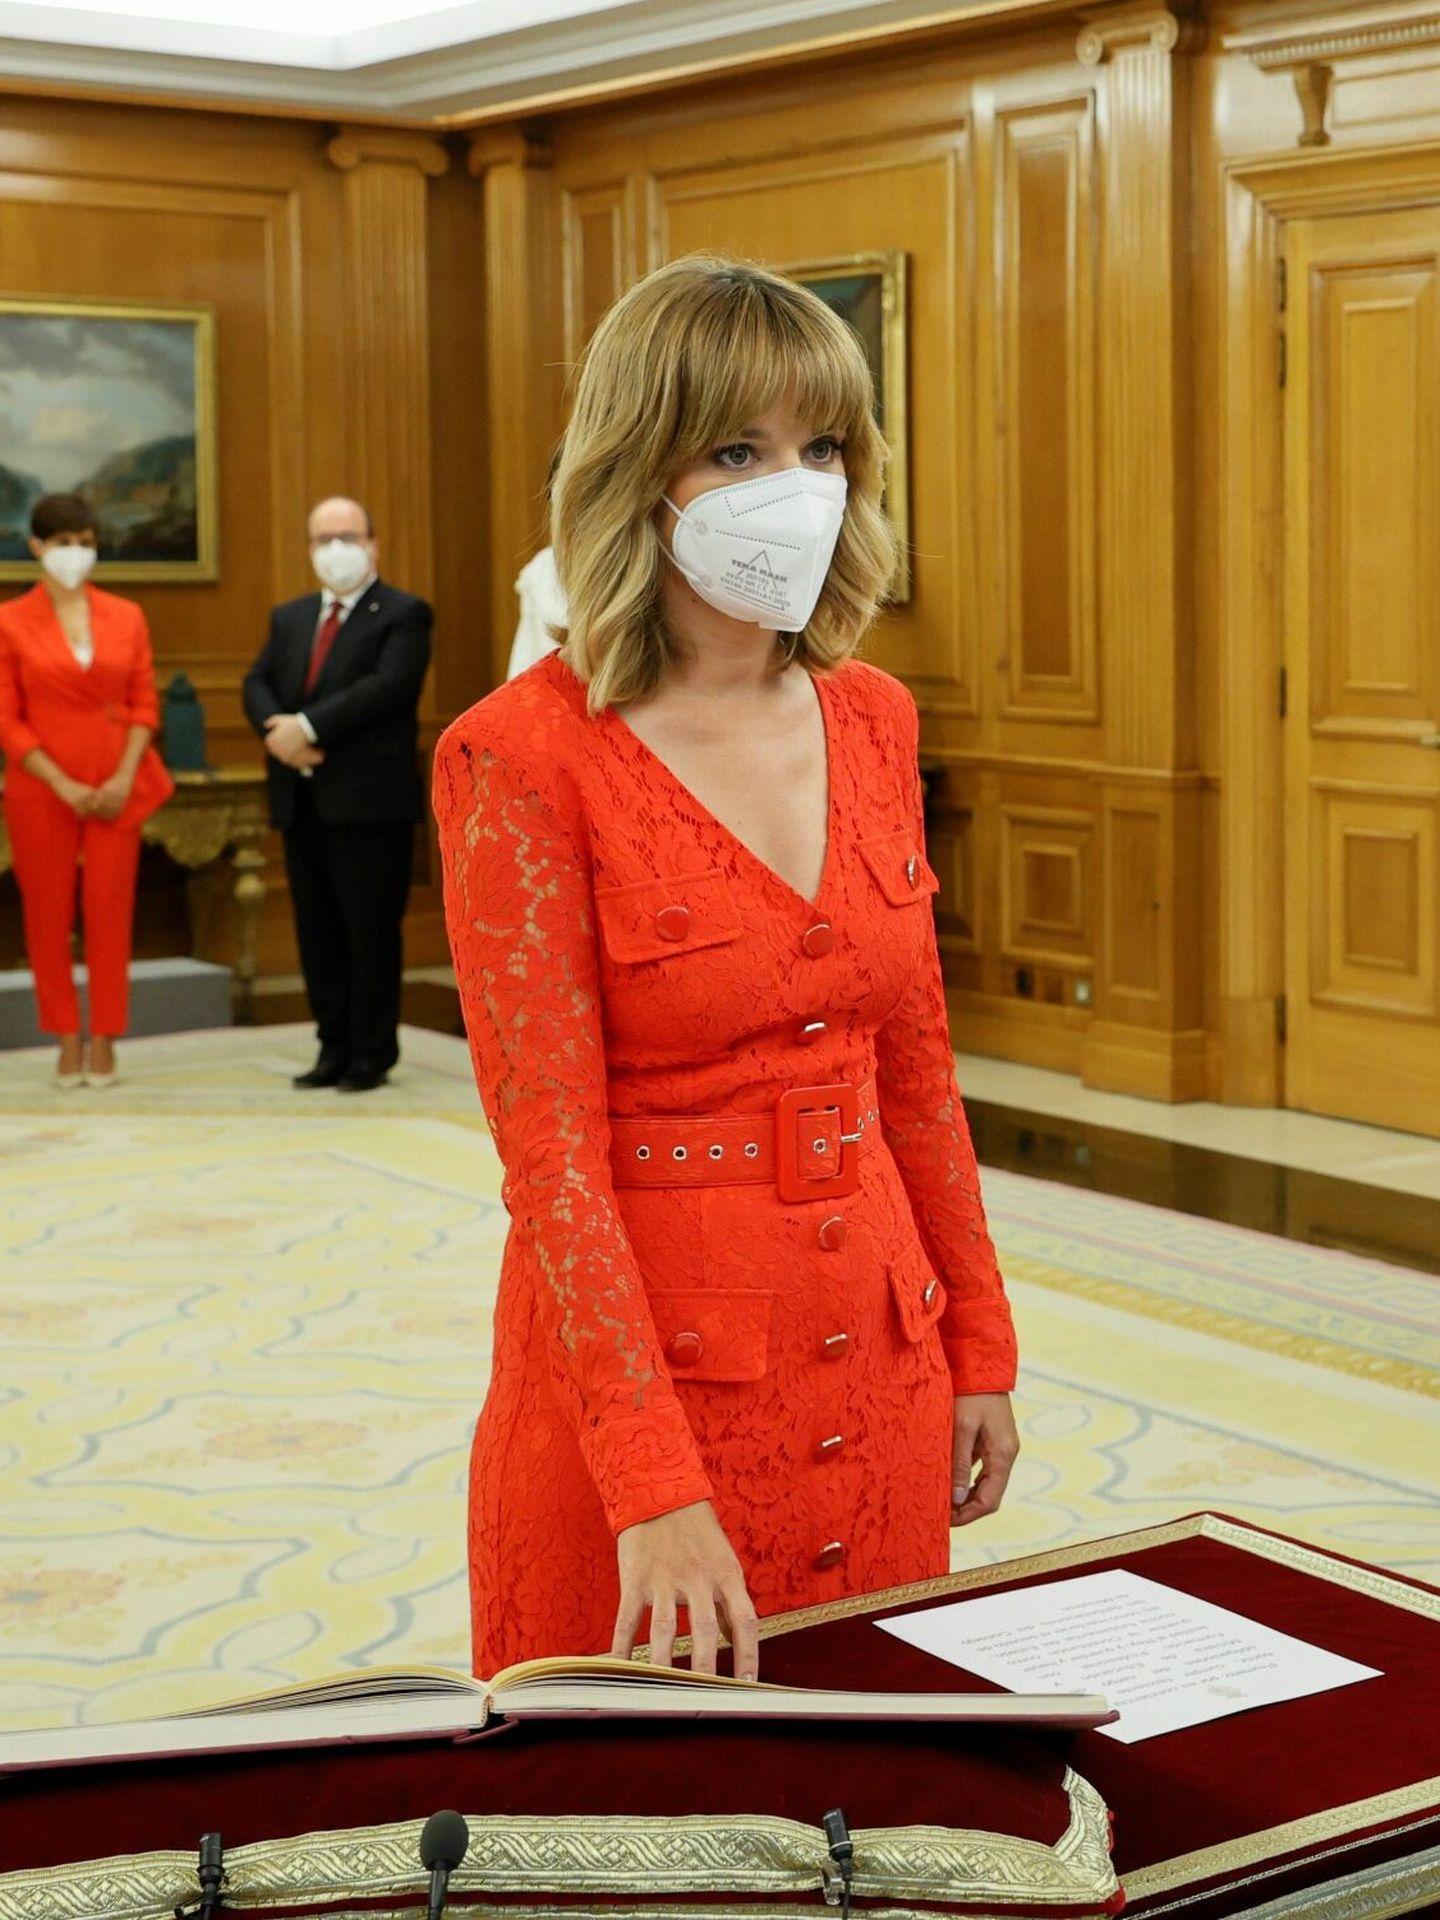 La nueva ministra de Educación y Formación Profesional, Pilar Alegría, promete su cargo ante el Rey. (EFE)